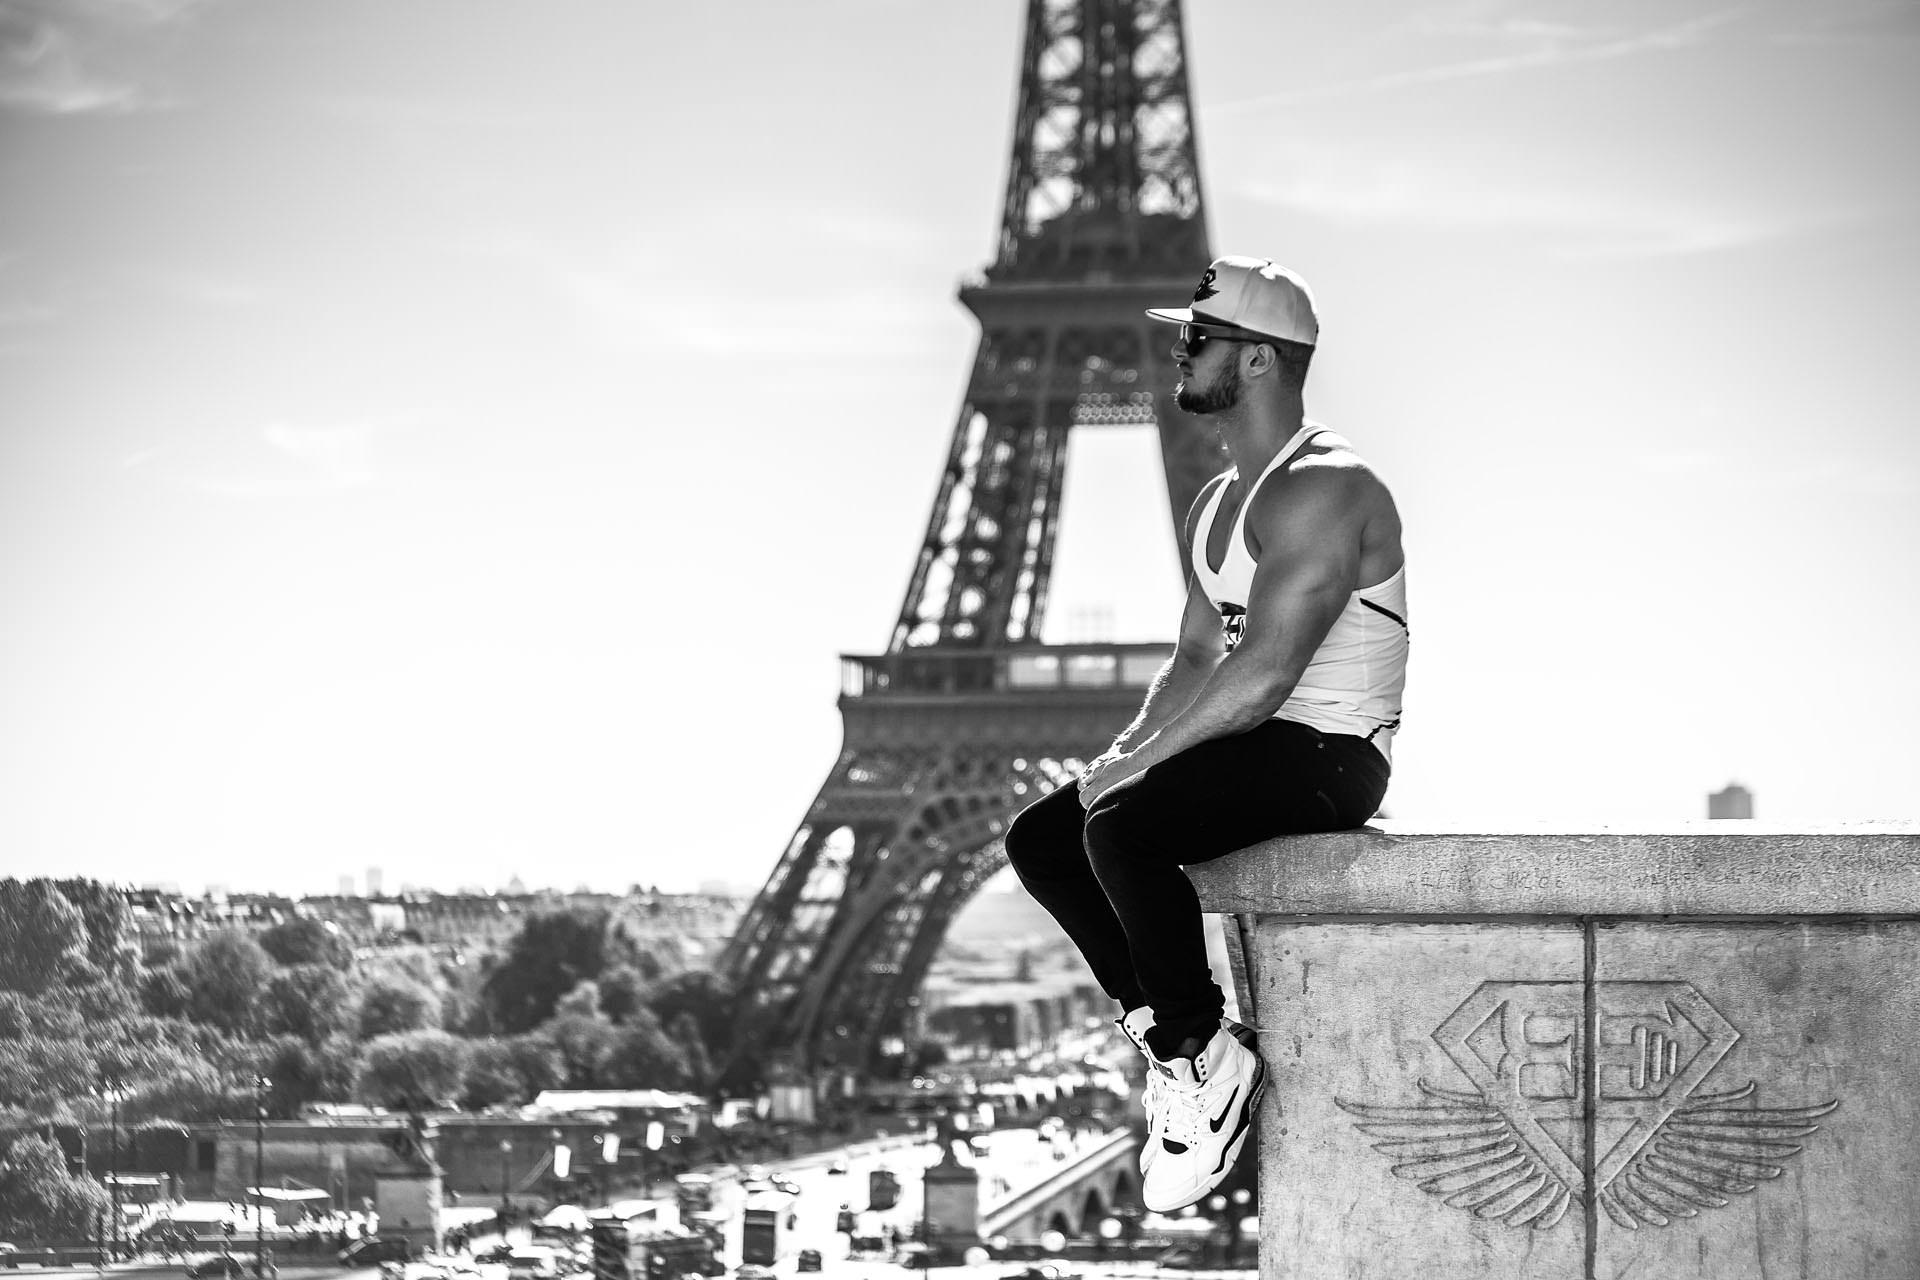 2015-09-11 - Anthony Amar - BE - Paris & ParadiForm - 8333 - 1920px